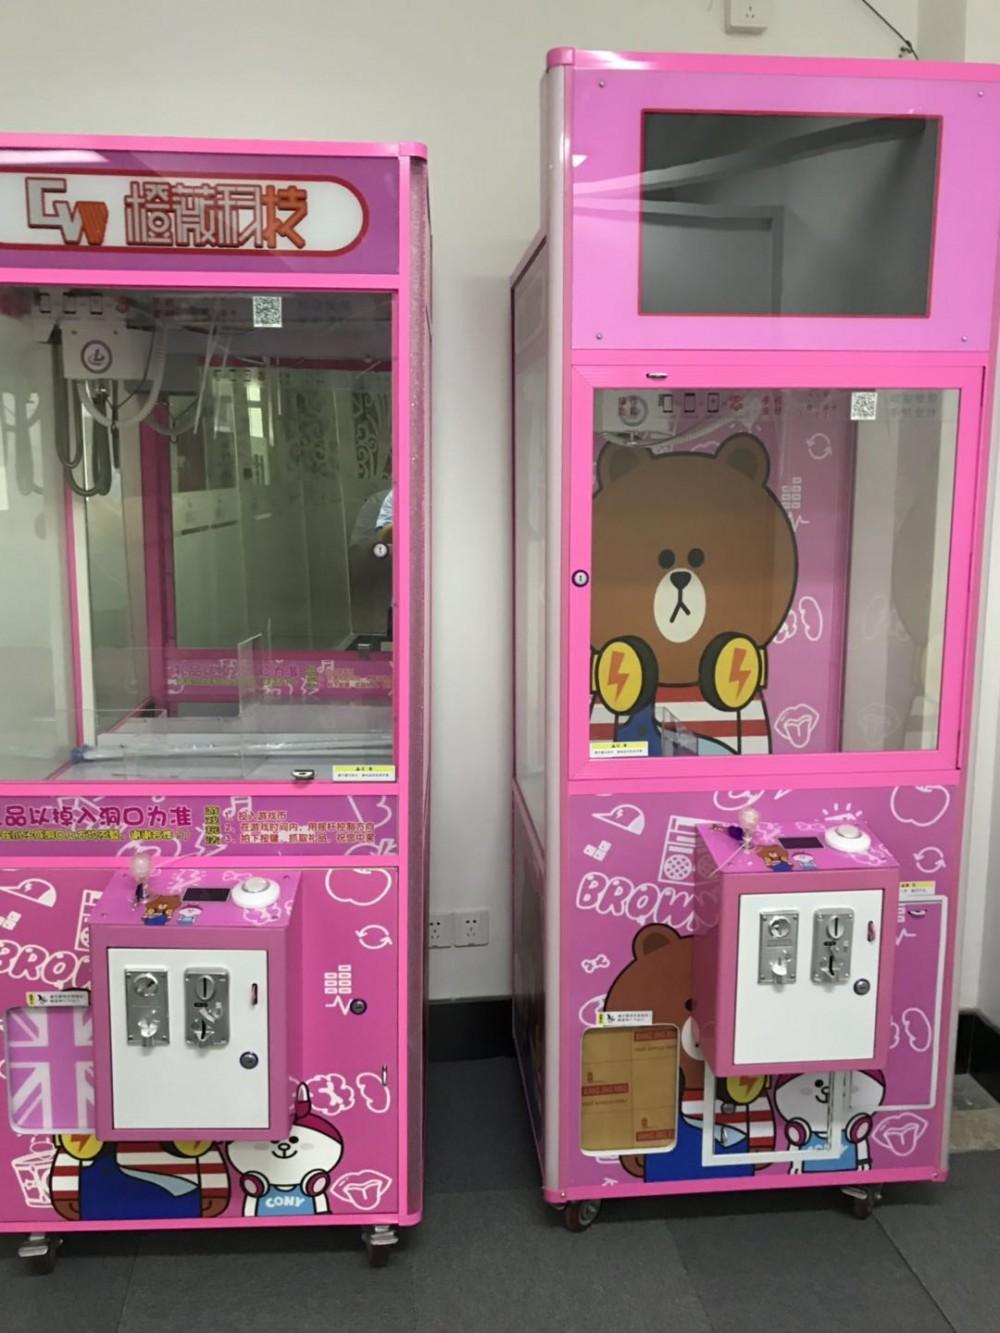 定制版娃娃机 (定制机身液晶显示屏播放)